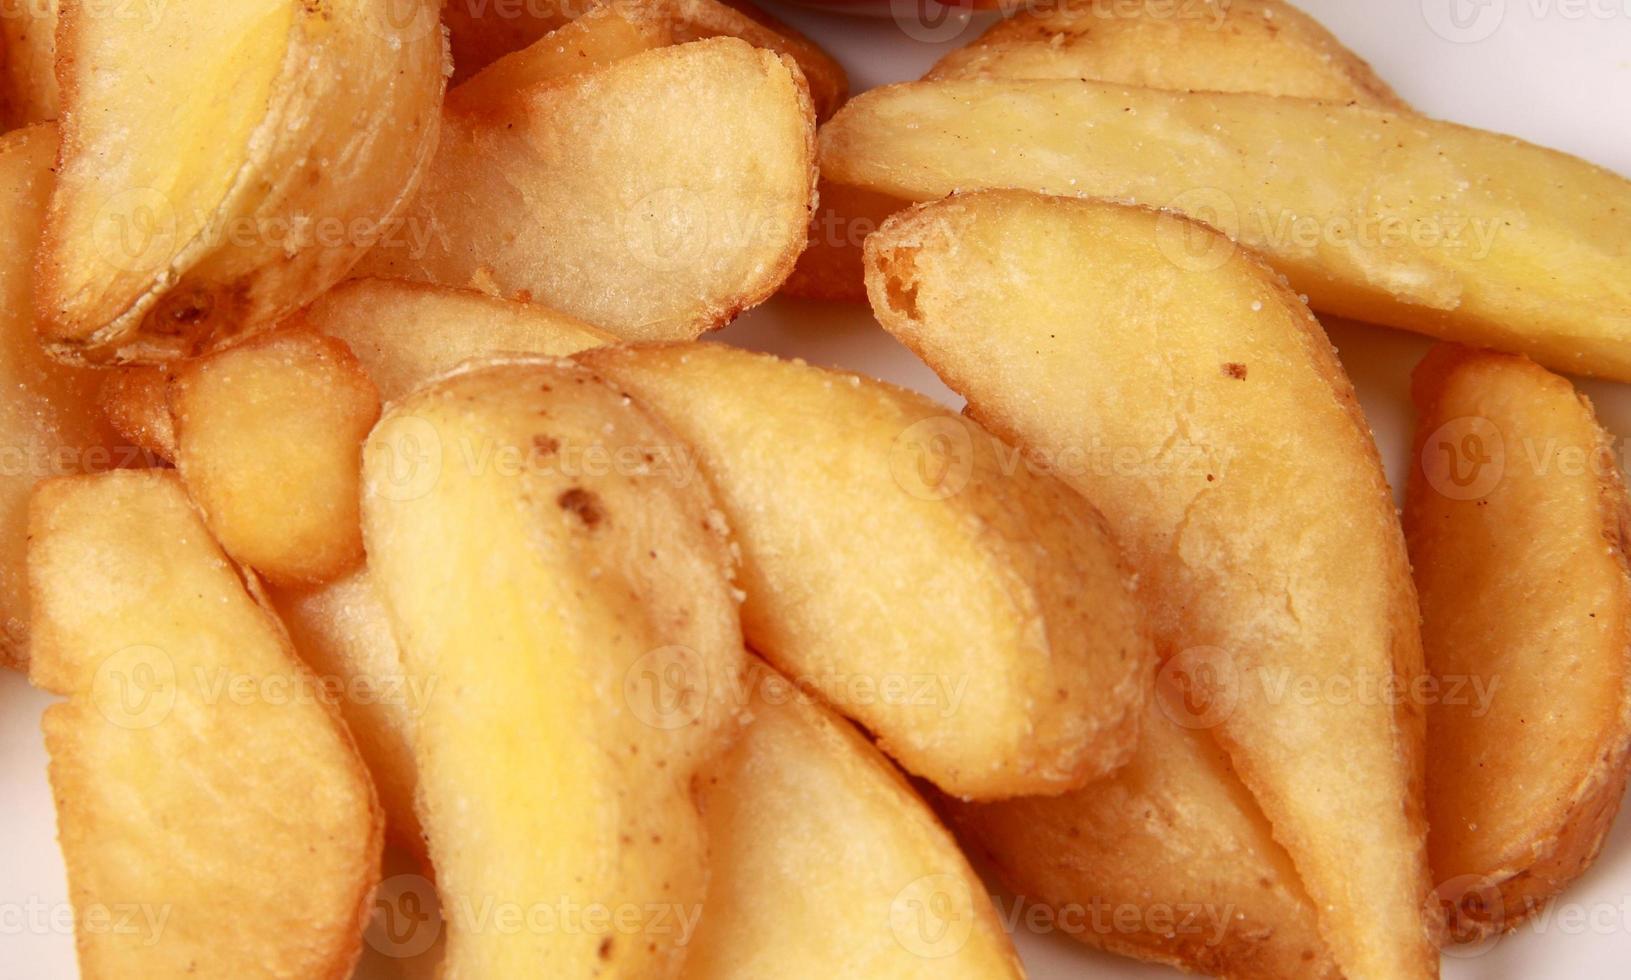 kokt potatis på nära håll foto